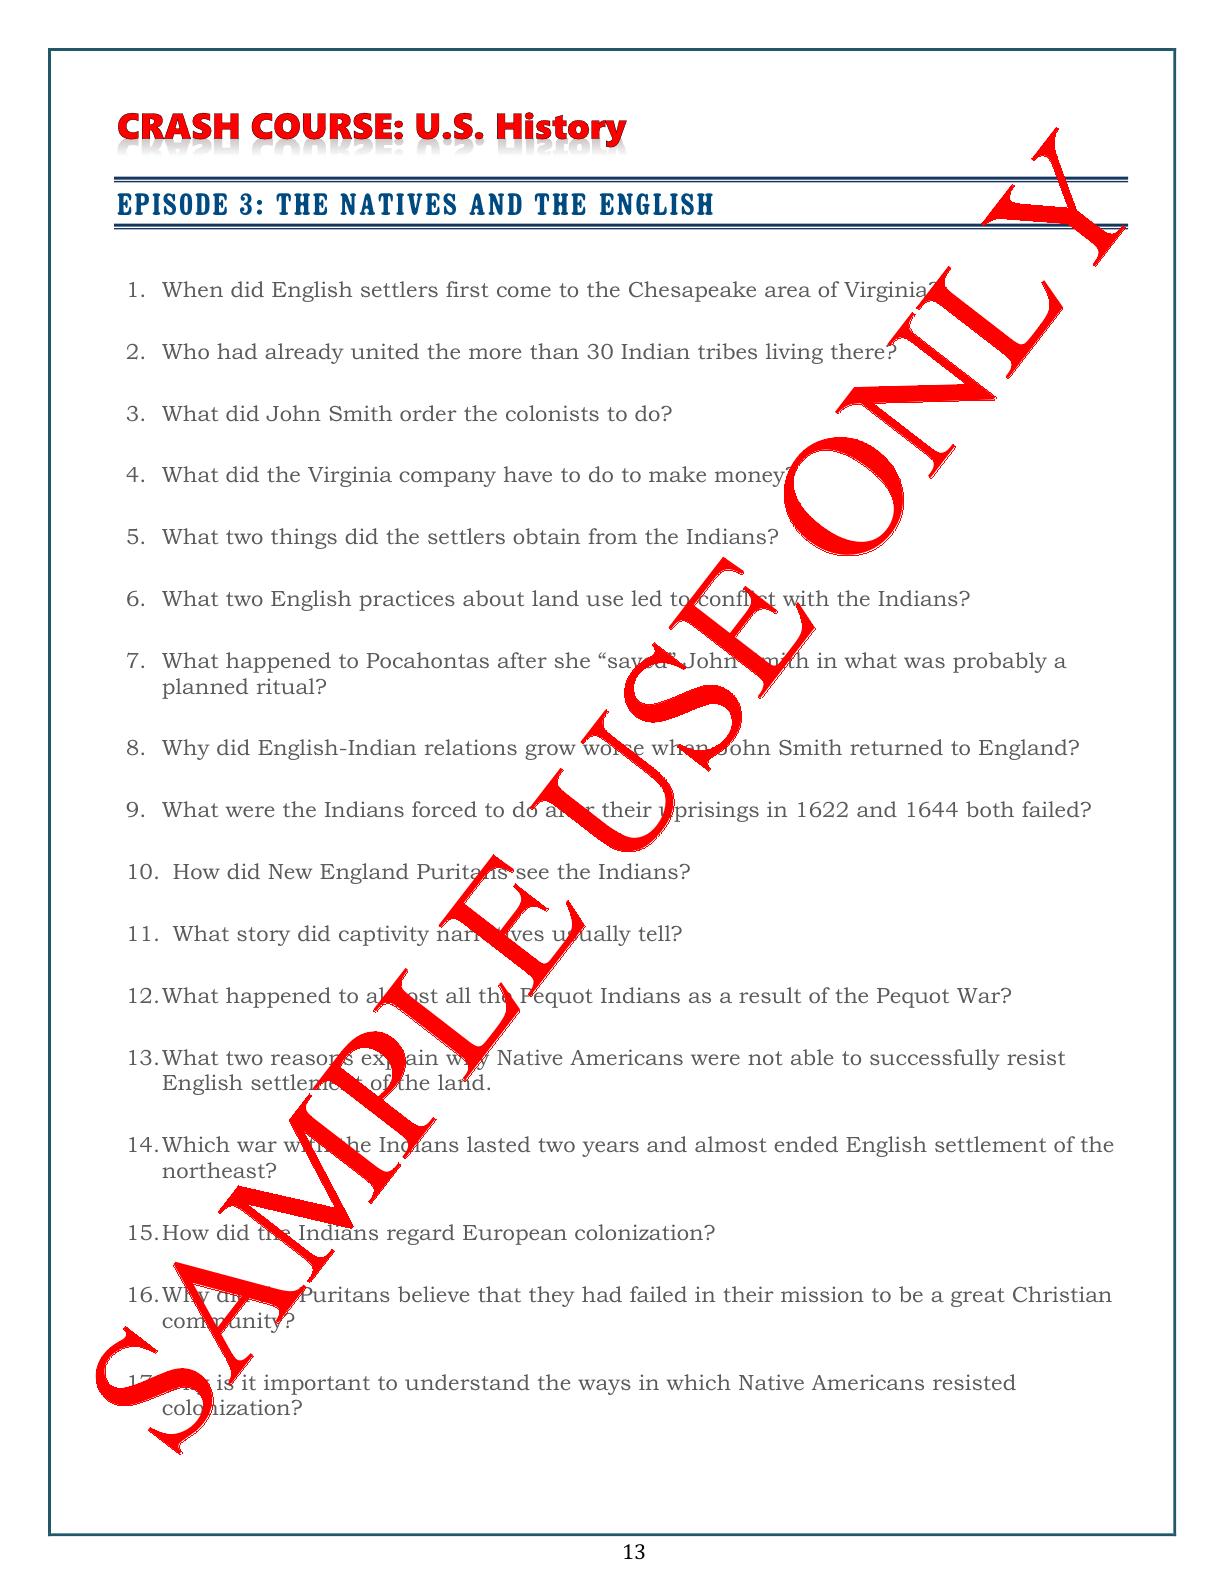 Crash Course U.S. History Worksheets: Episodes 1-5 ...